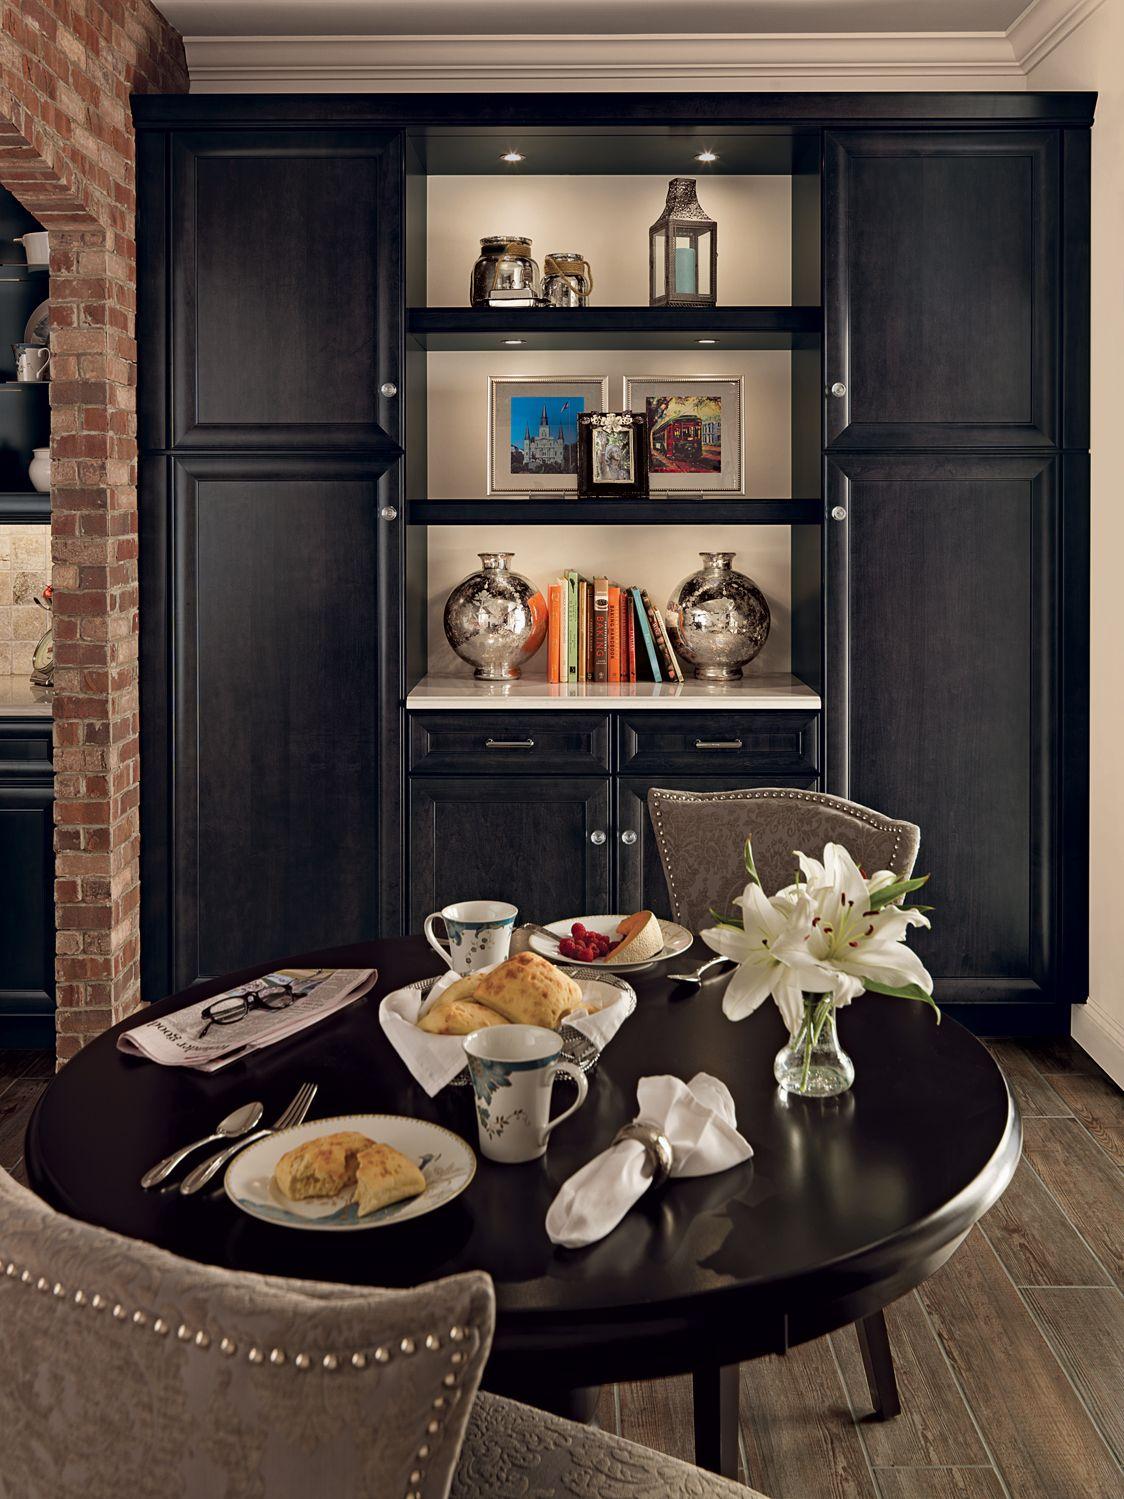 merillat classic bayville maple dusk breakfast nook - Merillat Classic Kitchen Cabinets